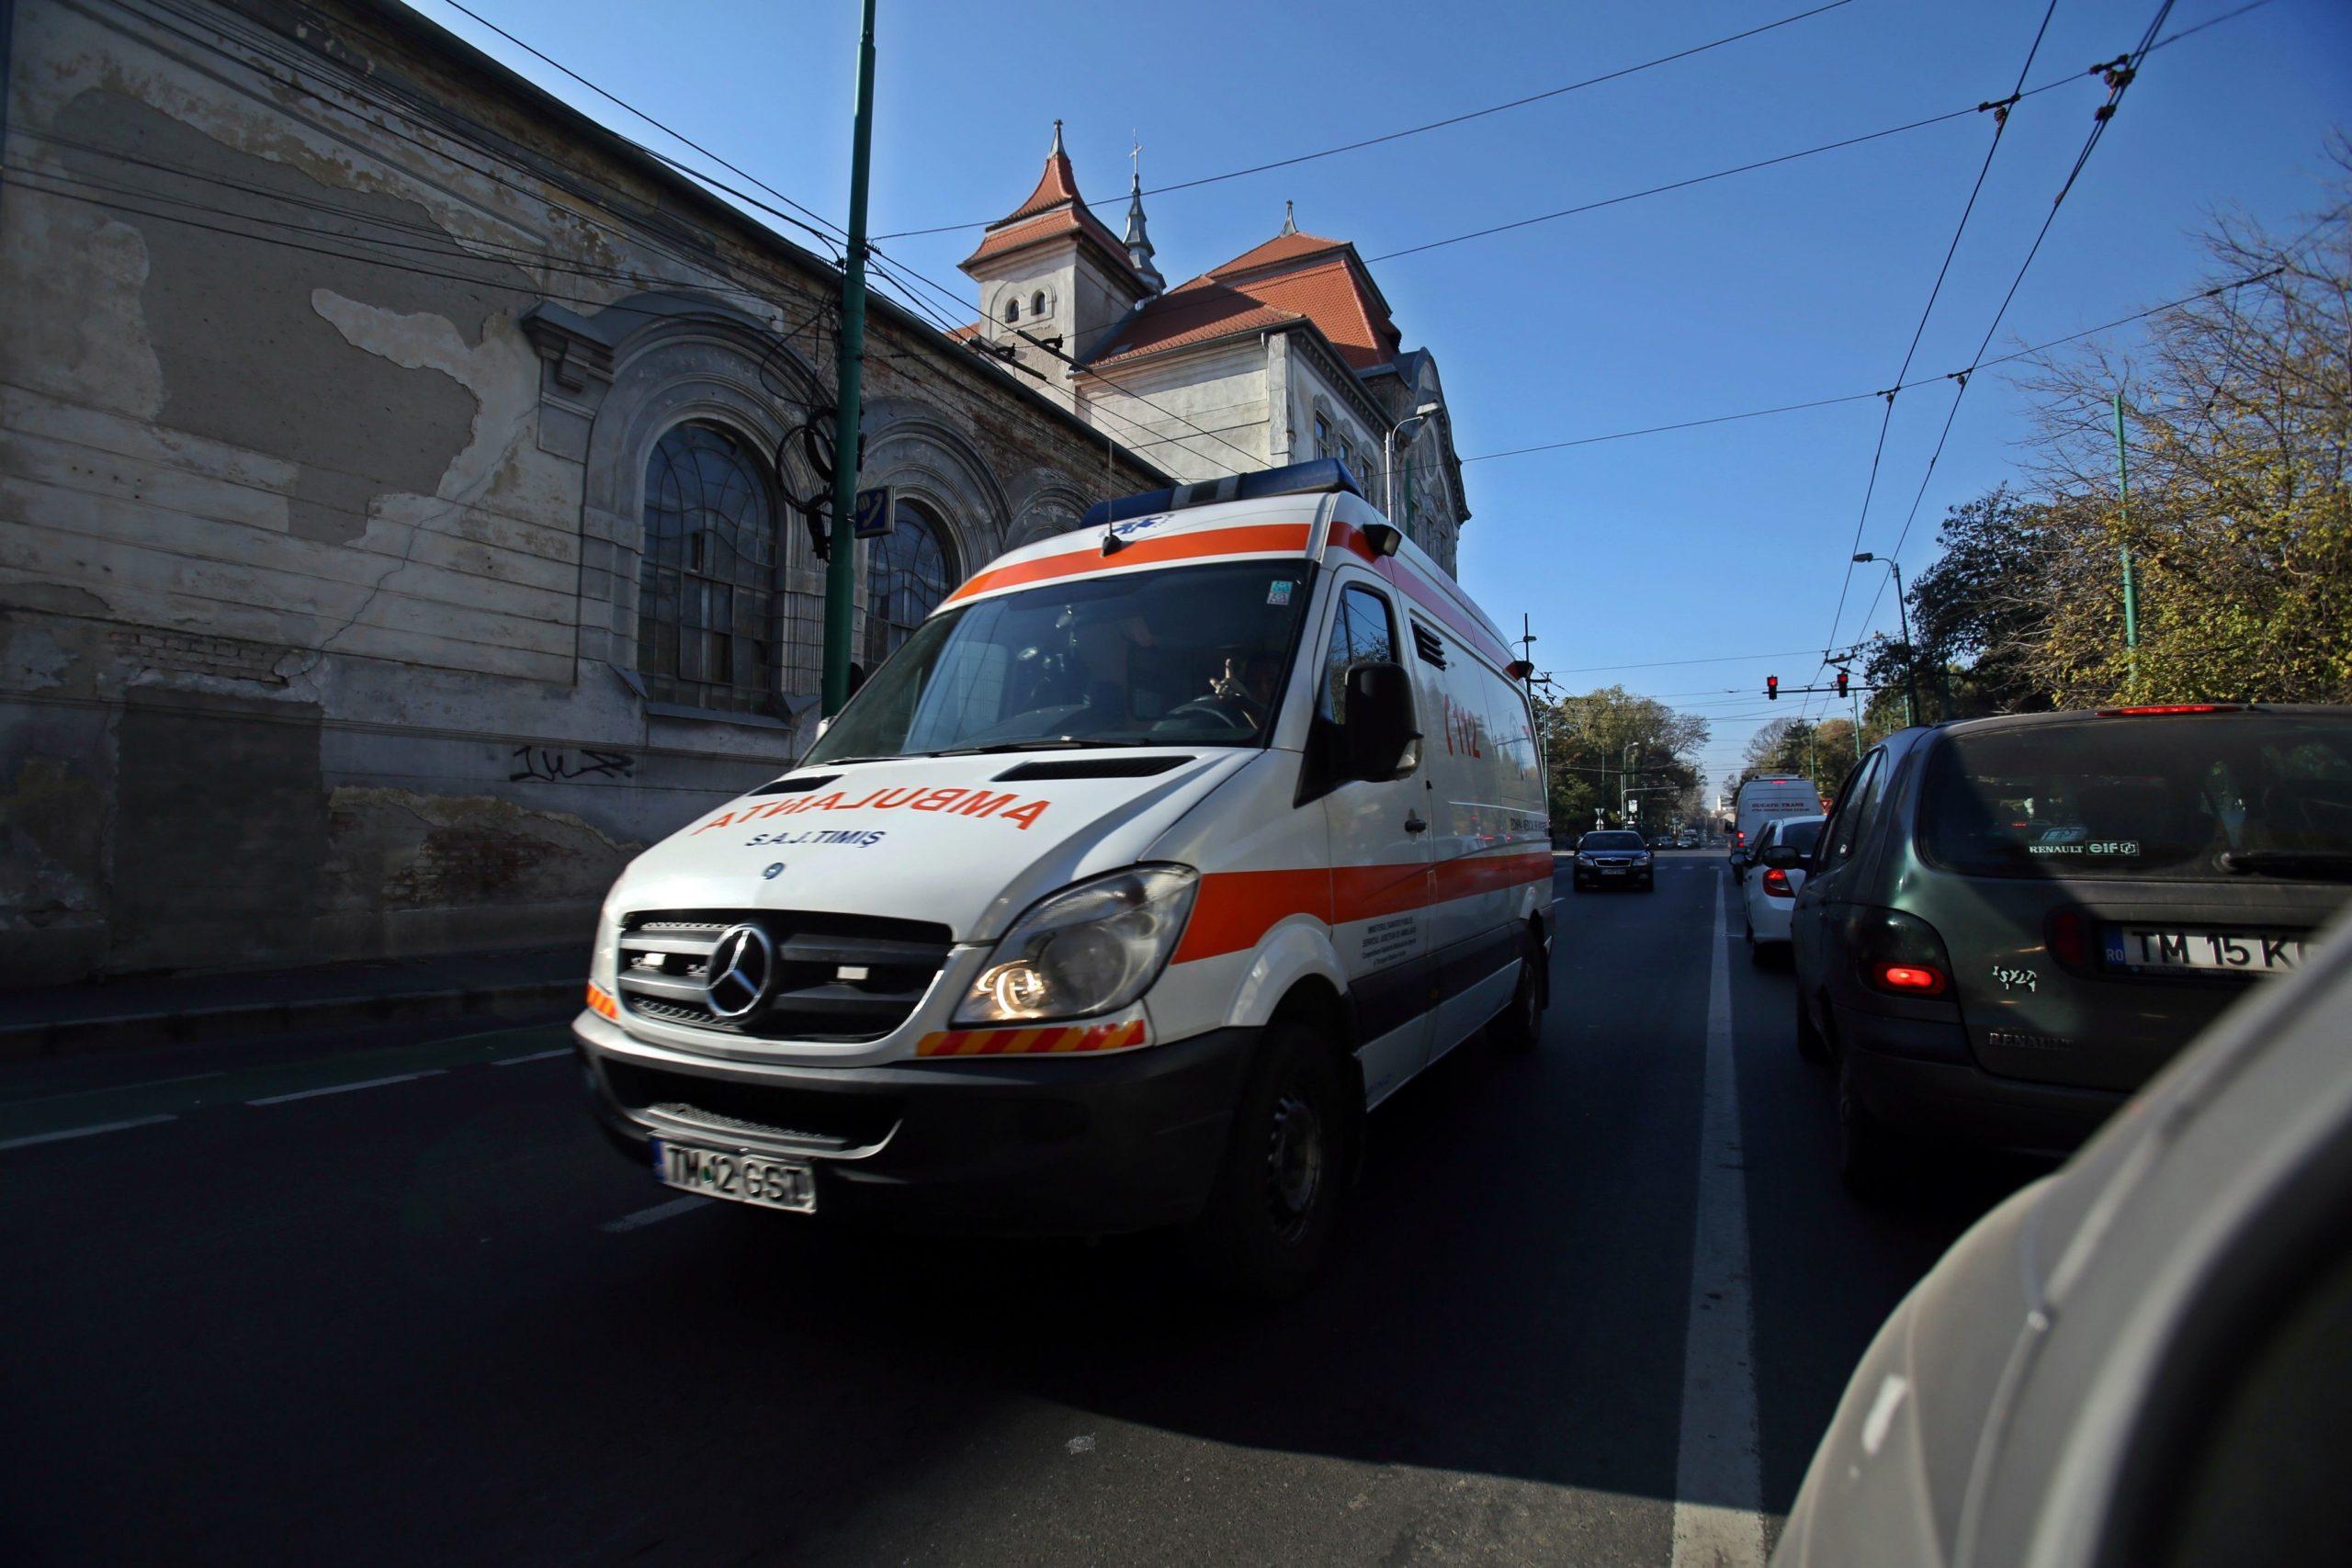 Tragedie la Timișoara. O femeie însărcinată, infectată cu COVID-19, a murit în drum spre spital